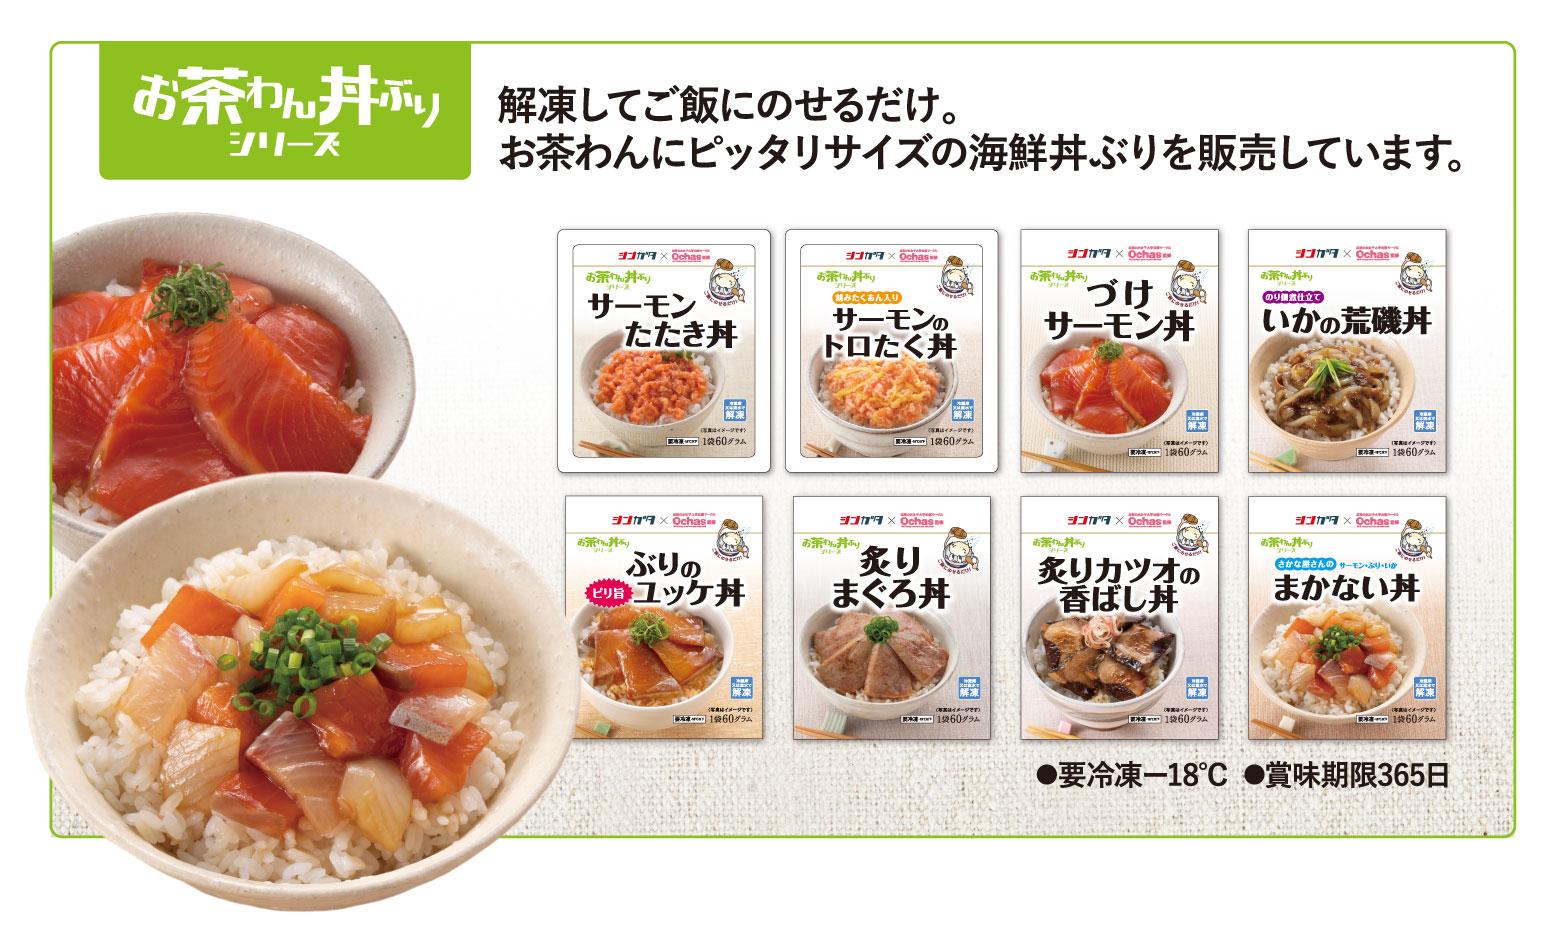 解凍してご飯にのせるだけ。お茶わんにピッタリサイズの海鮮丼ぶりを販売しています。